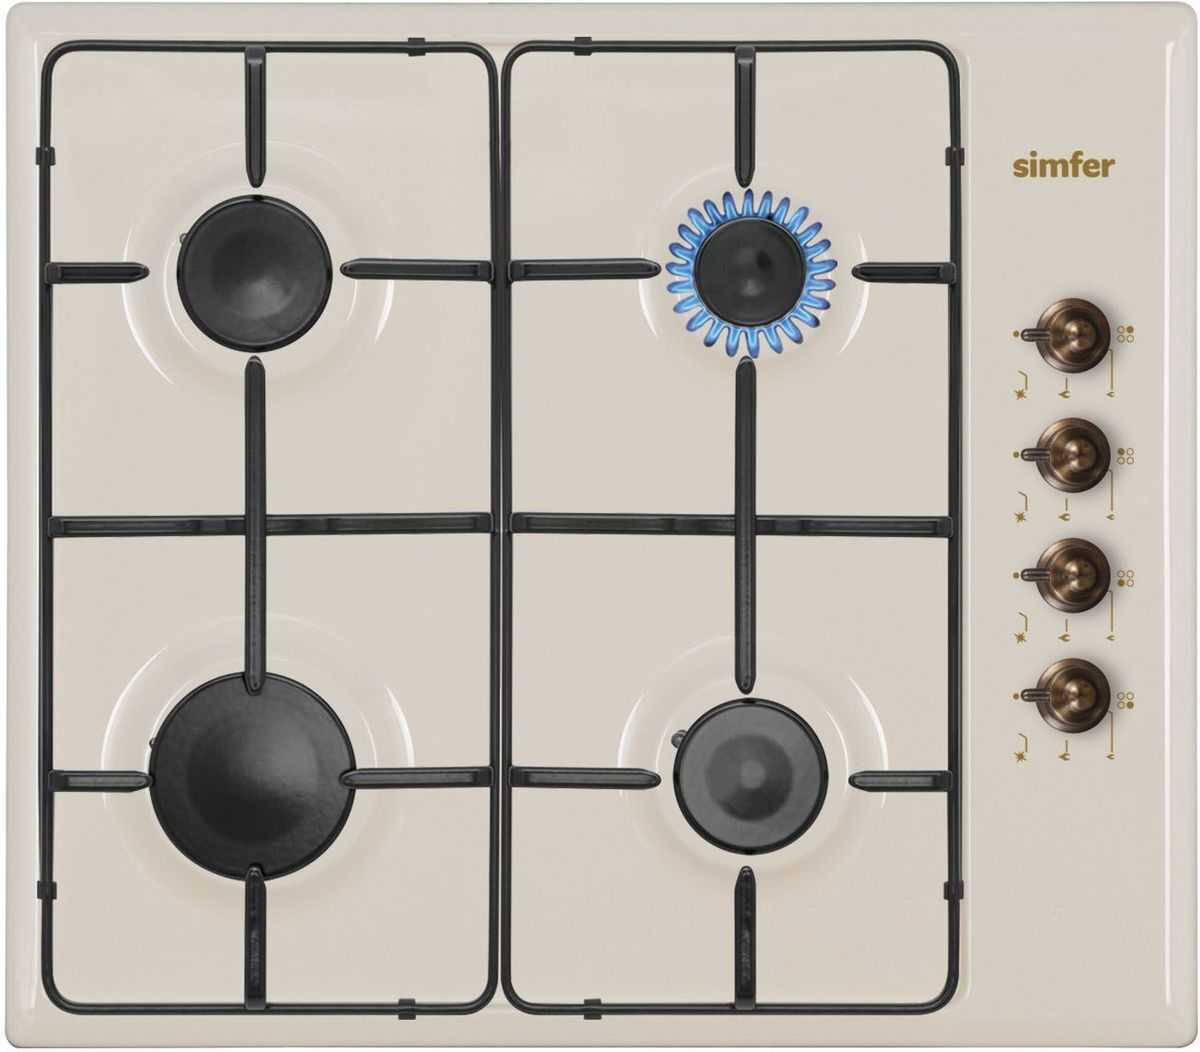 Simfer H60Q40O411 панель варочная газоваяH60Q40O411Газовая варочная панель Simfer H60Q40O411 с чистым пламенем доведет вашу сковороду до нужной температуры без всяких задержек. Включите её и всё днище сковороды будет моментально нагрето.Simfer H60Q40O411 упрощает приготовление и делает его безопаснее благодаря особой форме подставок, обеспечивающих абсолютную устойчивость посуды.Нет способа быстрее и удобнее для того, чтобы разжечь конфорку, чем автоподжиг варочной панели. Просто поверните ручку, чтобы открыть и зажечь газ одним плавным движением.